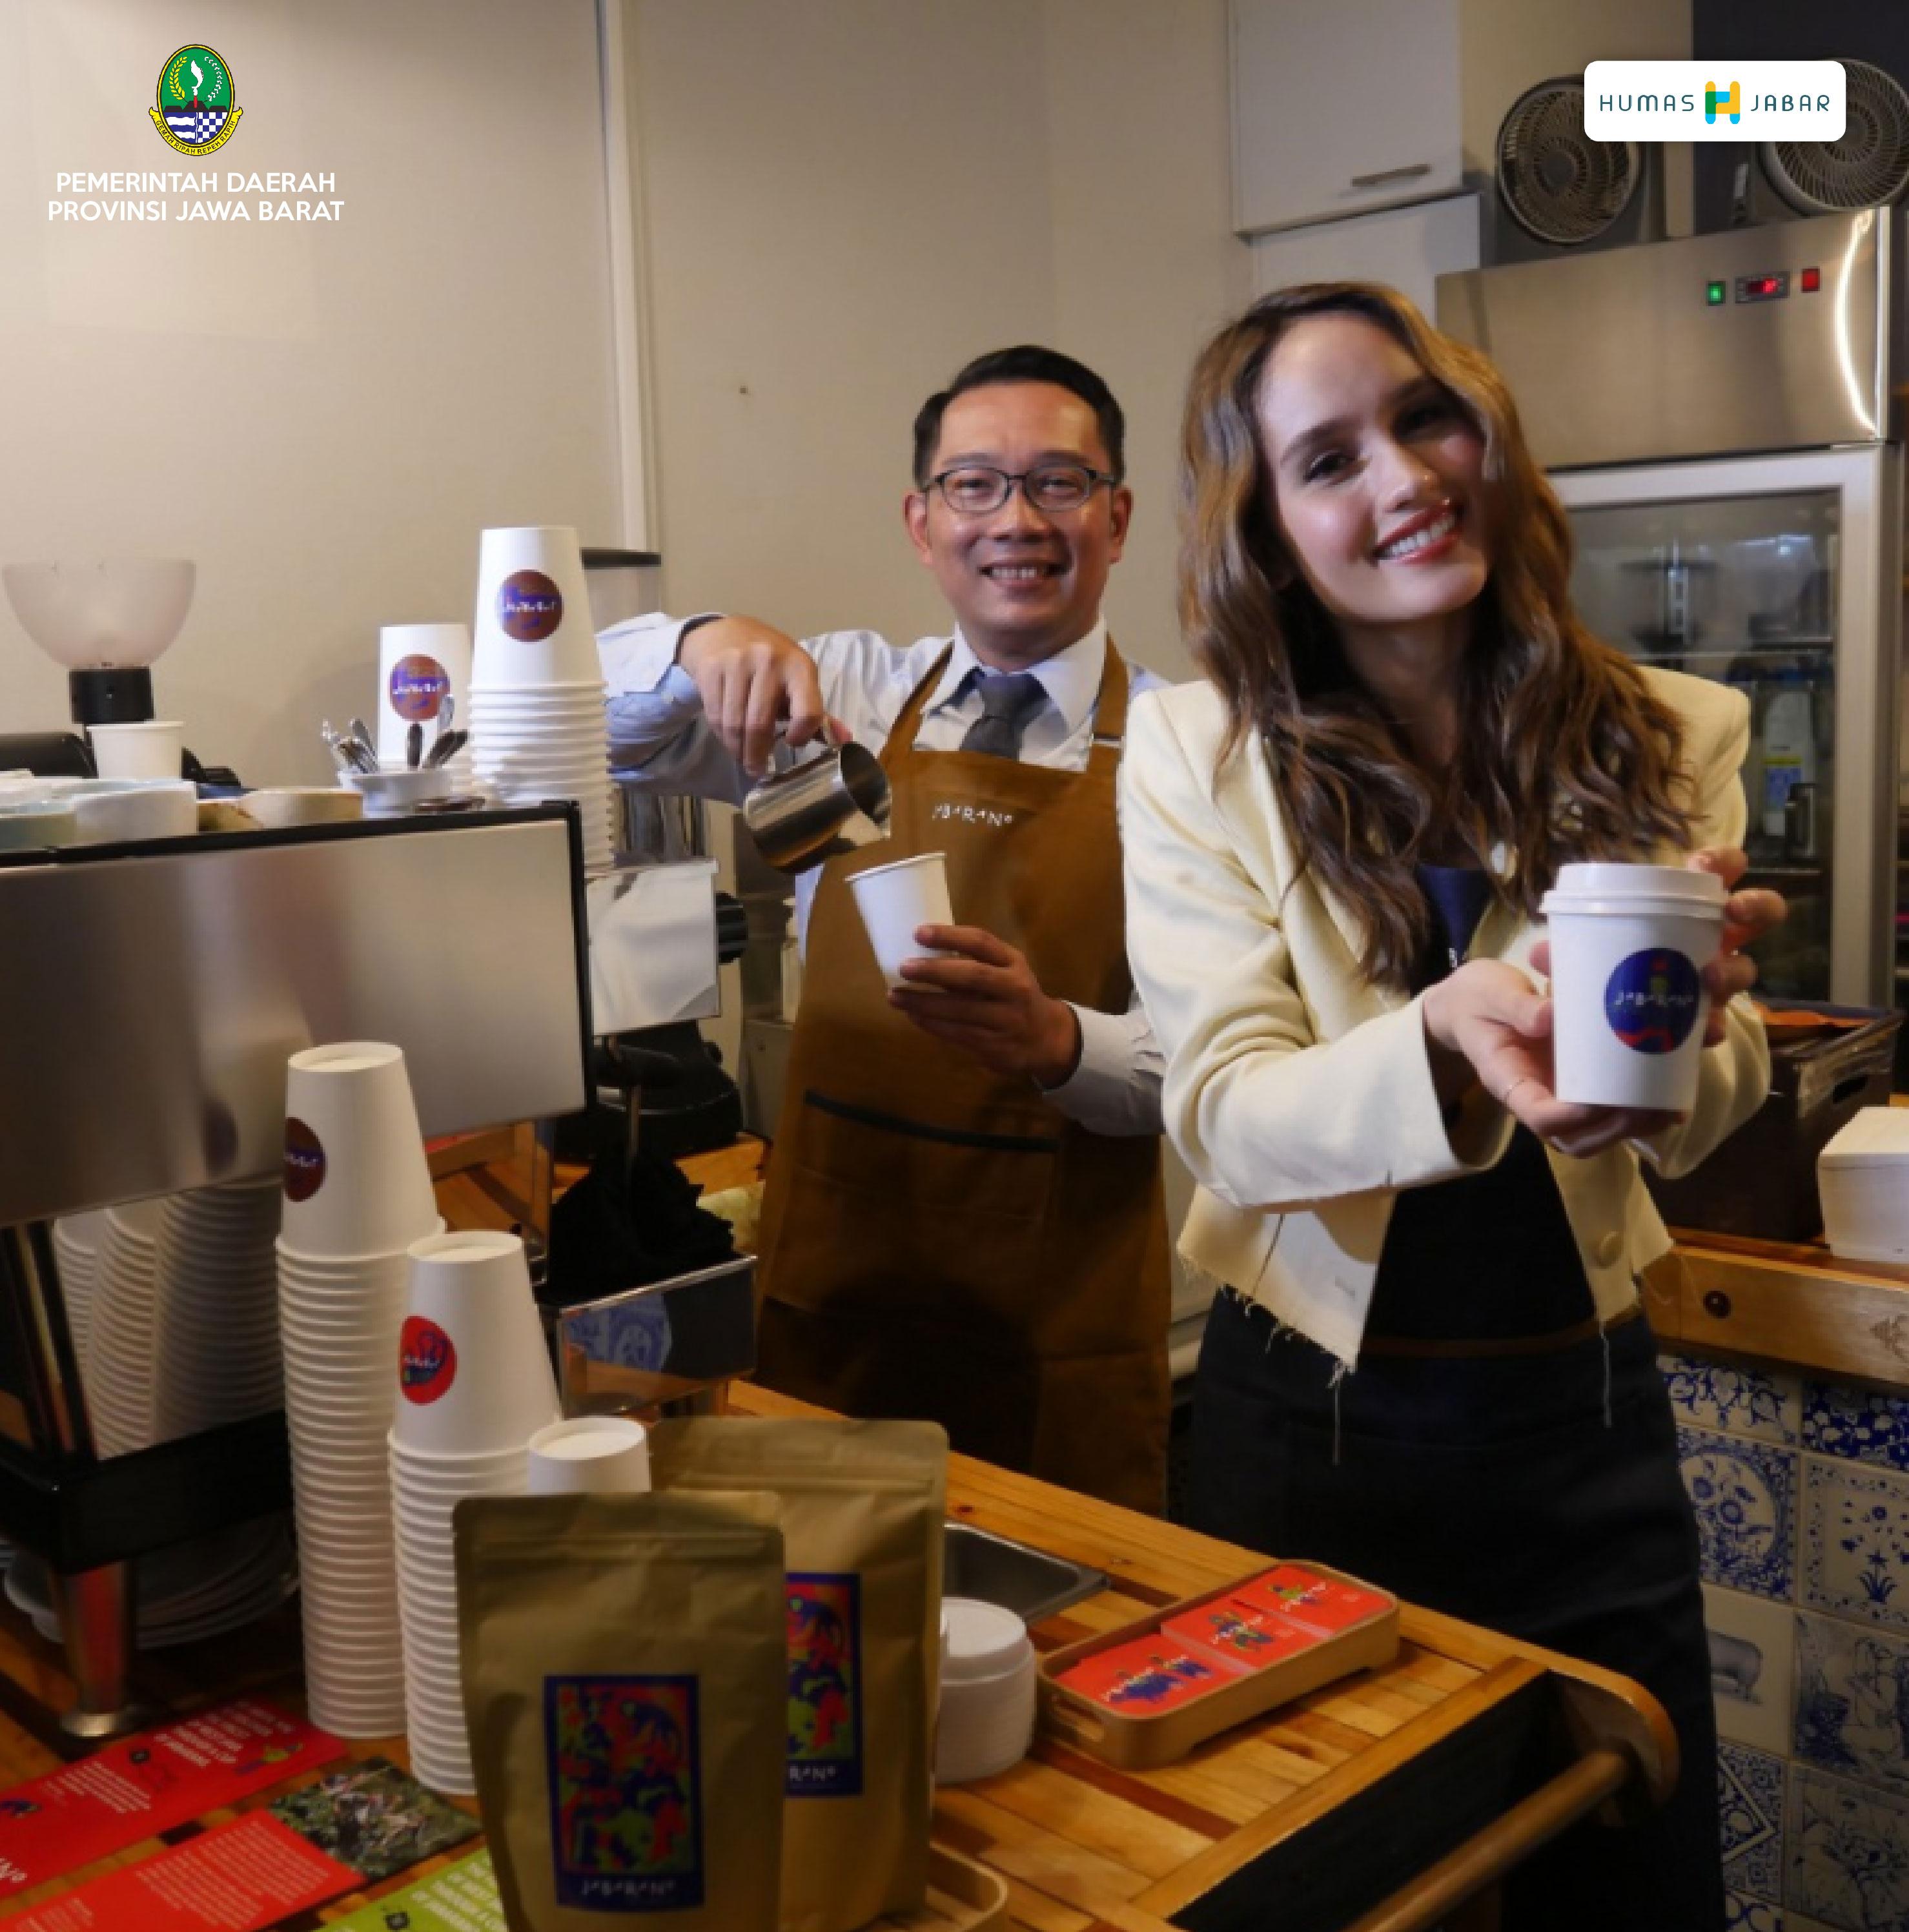 Gubernur Jabar Ridwan Kamil bersama Duta Anti Kekerasan Cinta Laura dan rombongan saat meluncurkan Jabarano Cafe di 555 Flinders Lane, Kota Melbourne, Victoria, Australia, Senin (24/2/2020) petang waktu setempat.